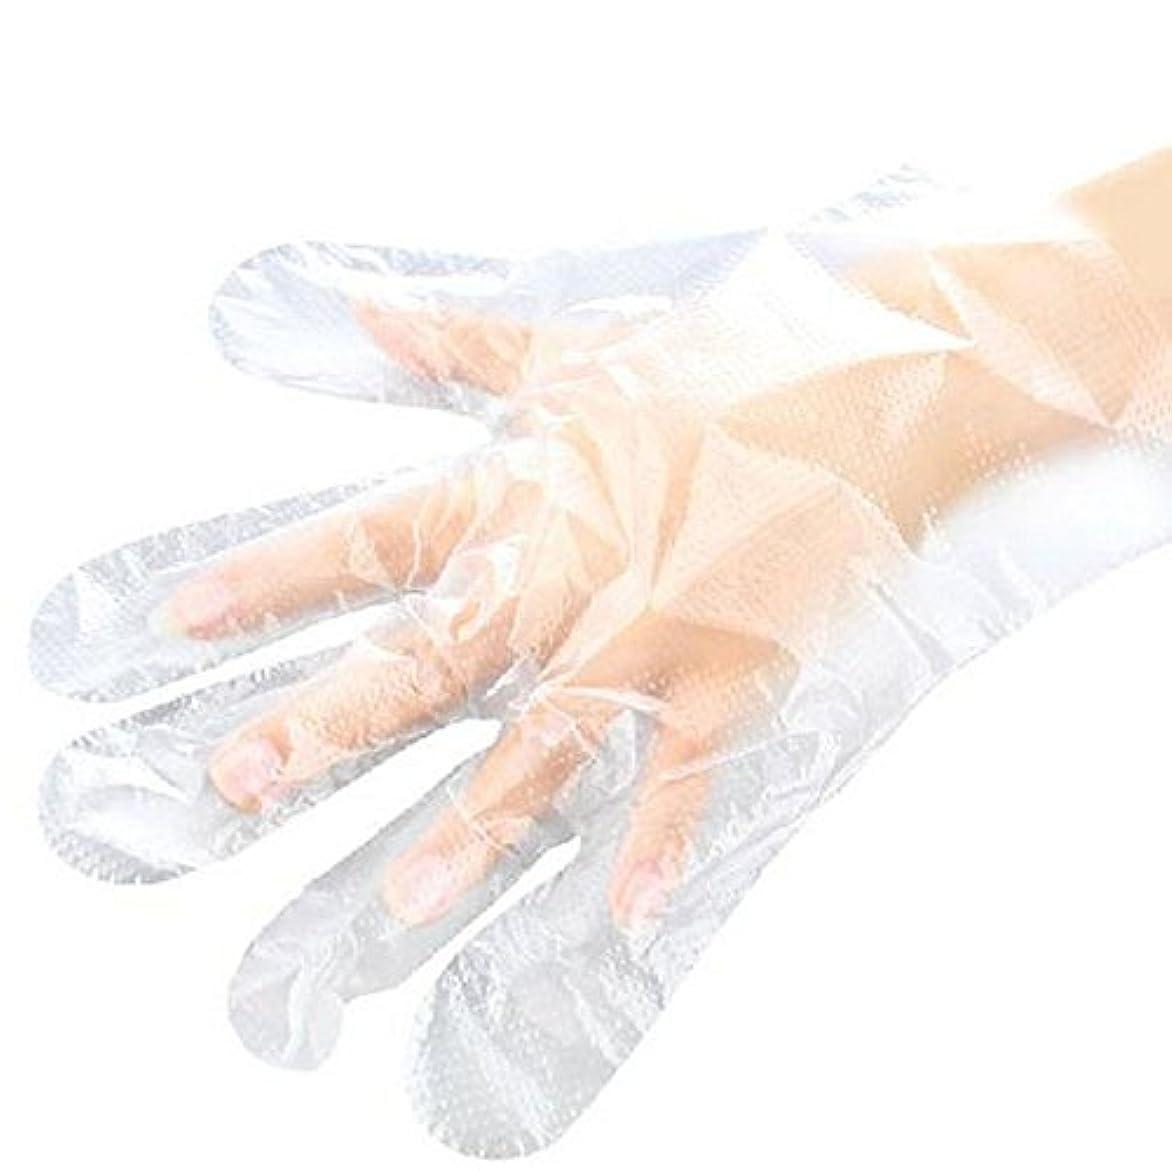 掃除私前書き山の奥 使い捨て手袋 ポリエチレン使い切り手袋 極薄 調理 透明 実用 衛生 100枚入